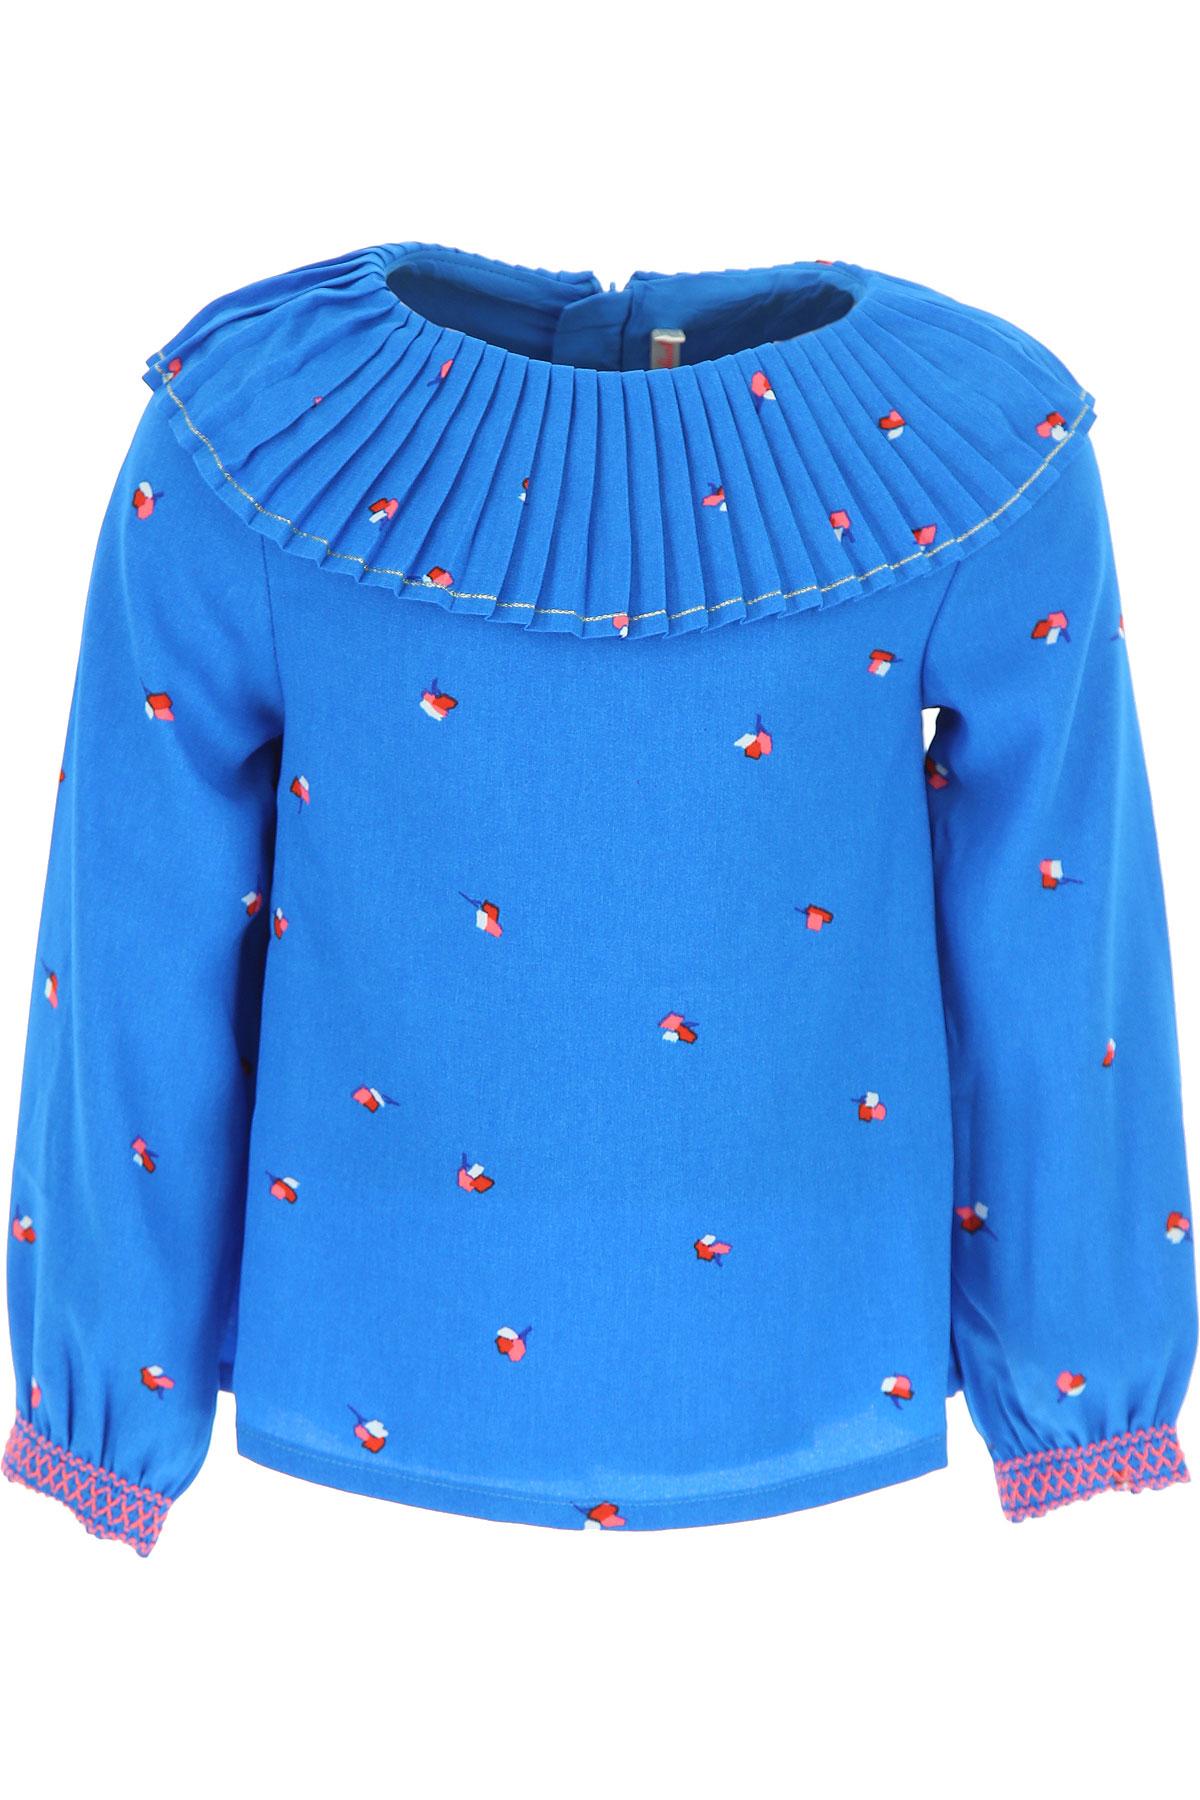 Image of Billieblush Kids Shirts for Girls, Blue, polyester, 2017, 10Y 2Y 4Y 5Y 6Y 8Y